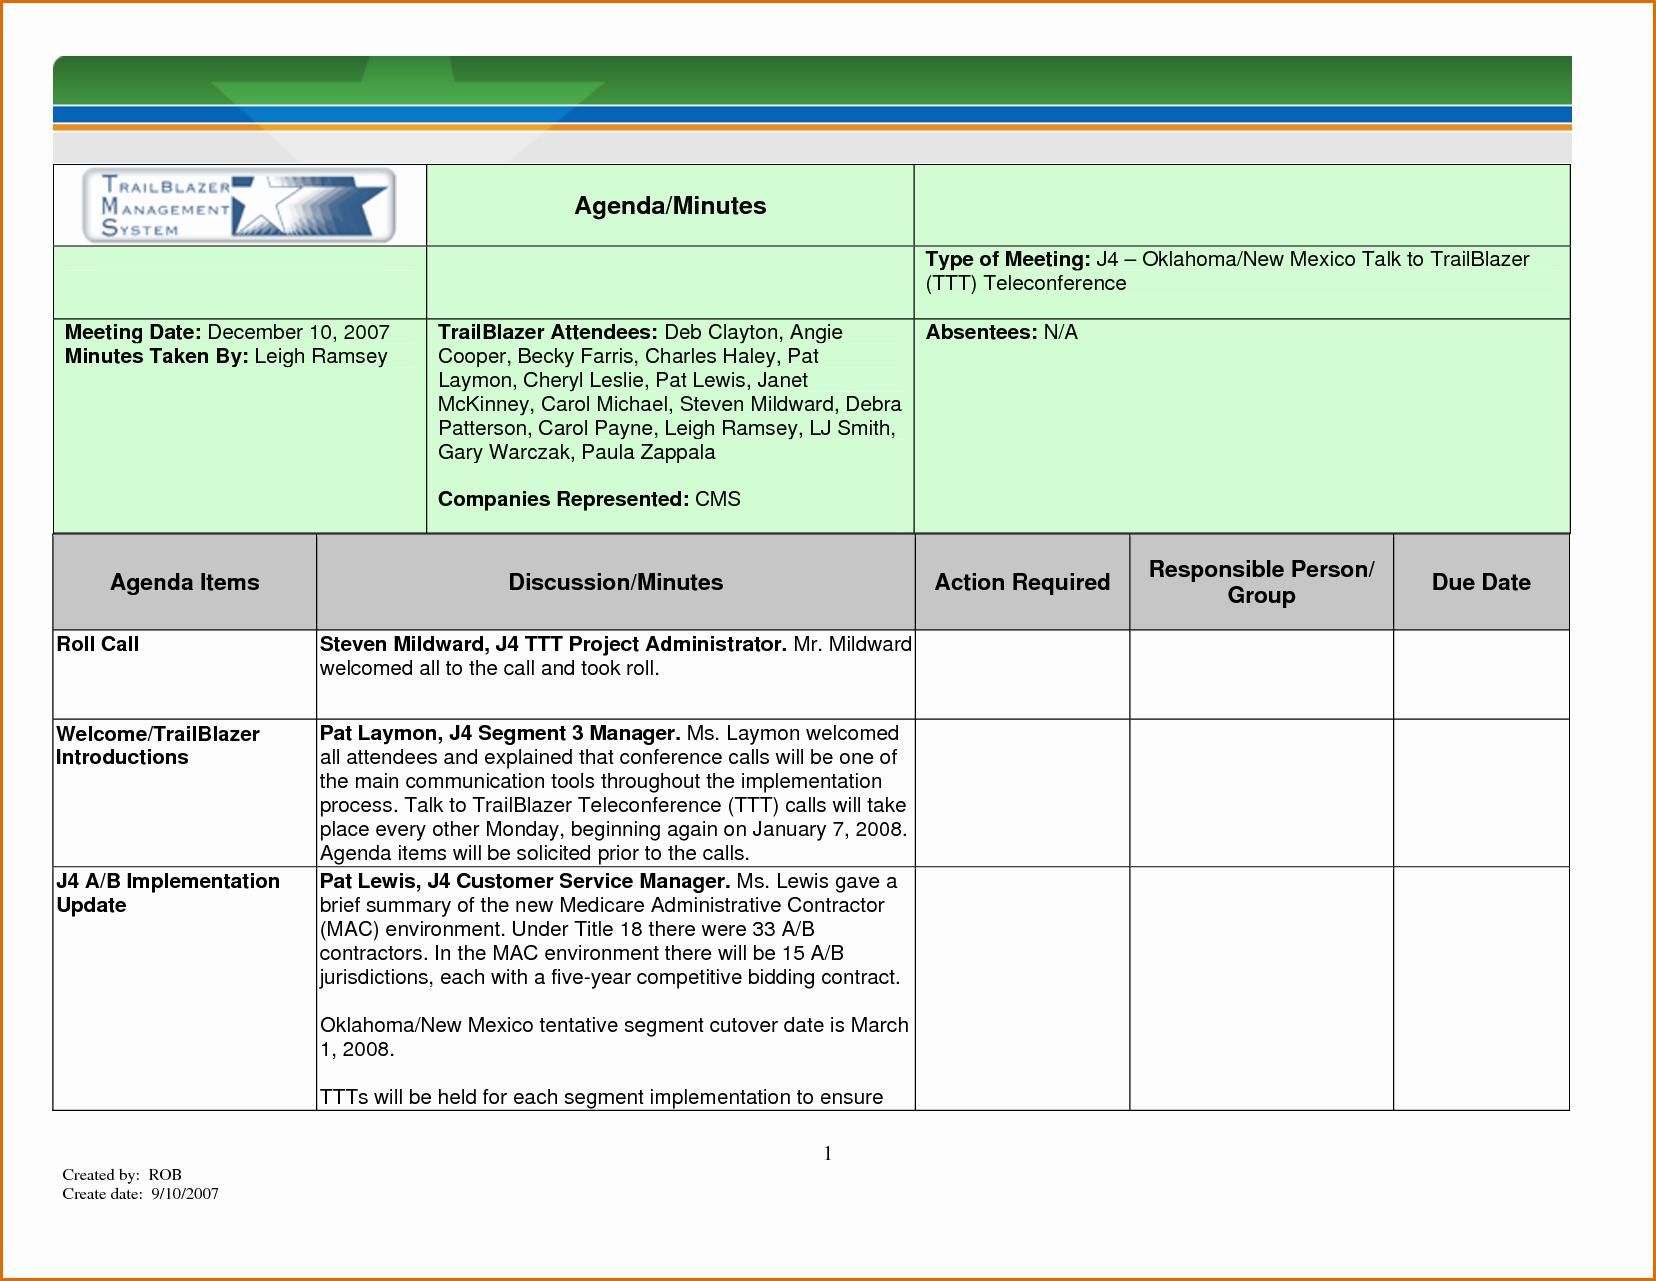 Meeting Minutes Template Excel Luxury 12 Meeting Minutes Template Excel